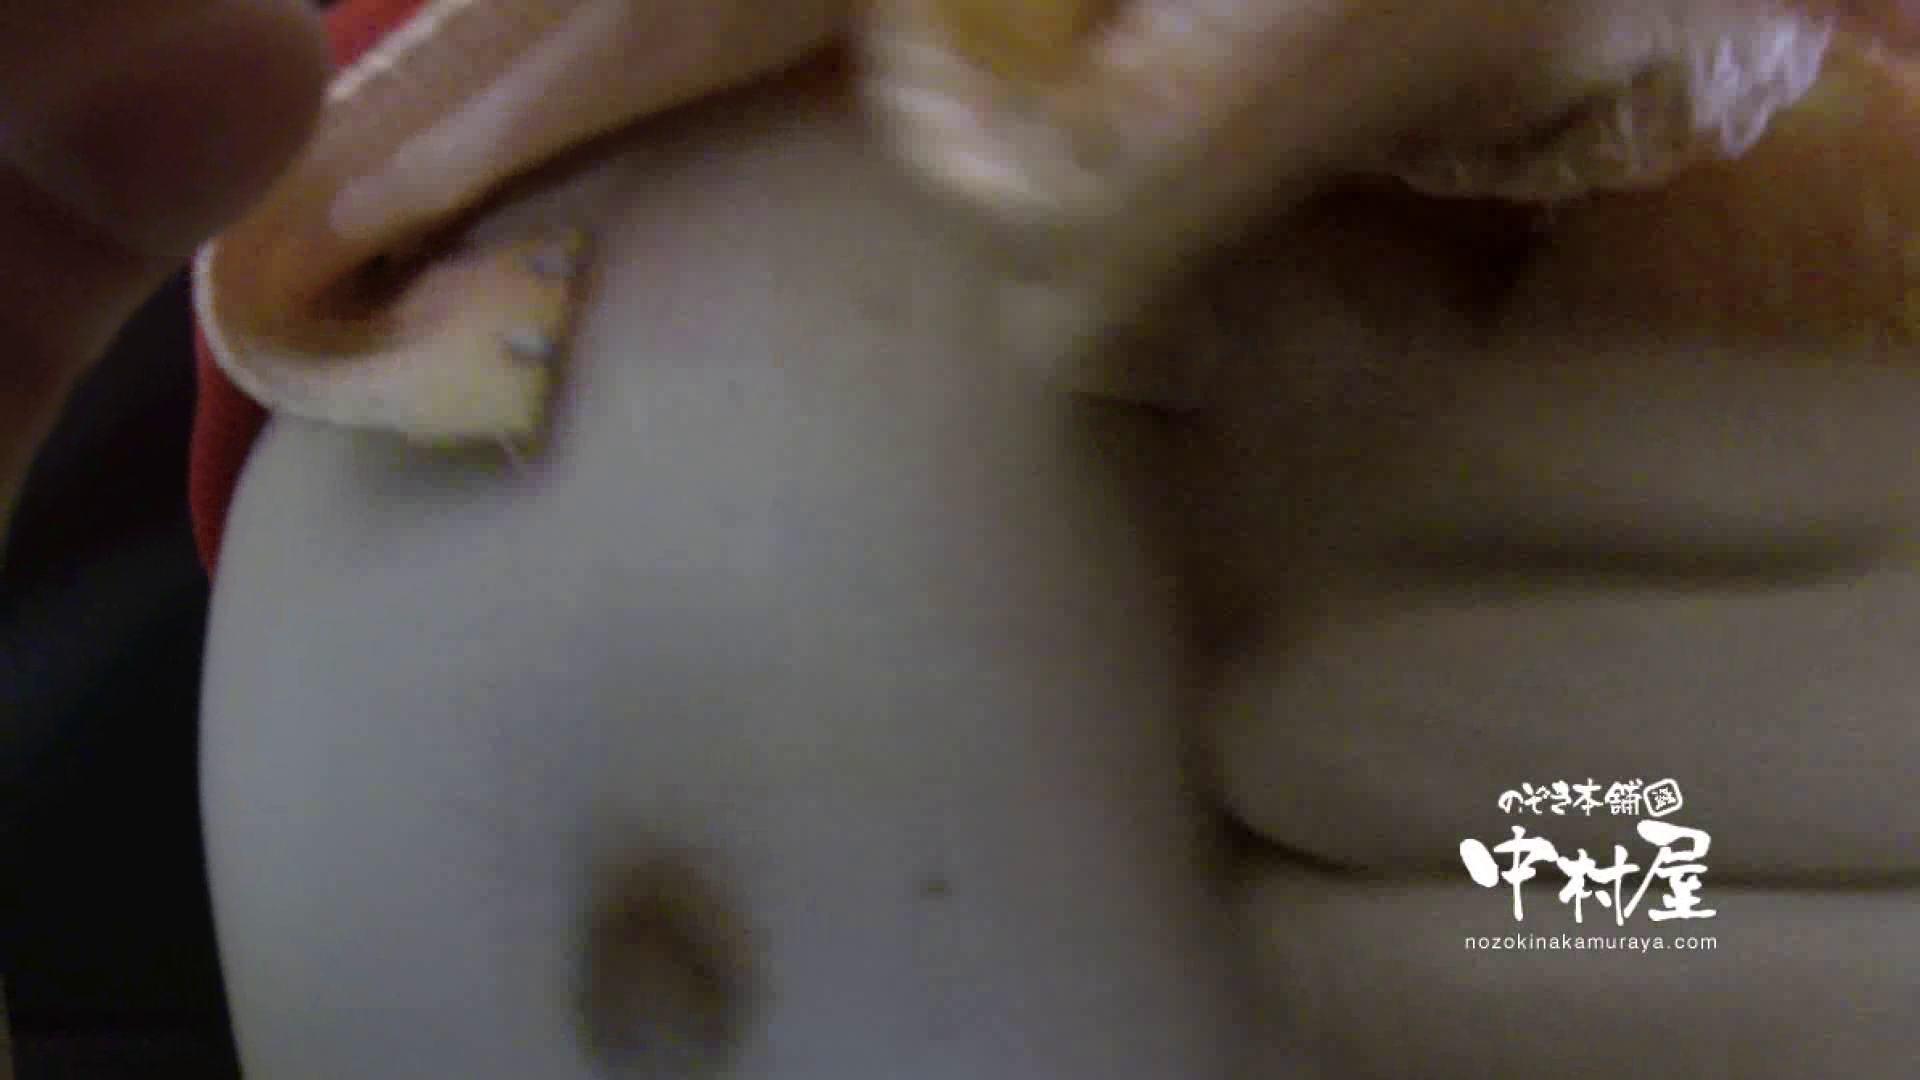 鬼畜 vol.13 もうなすがママ→結果クリームパイ 前編 OLセックス | 鬼畜  110画像 57